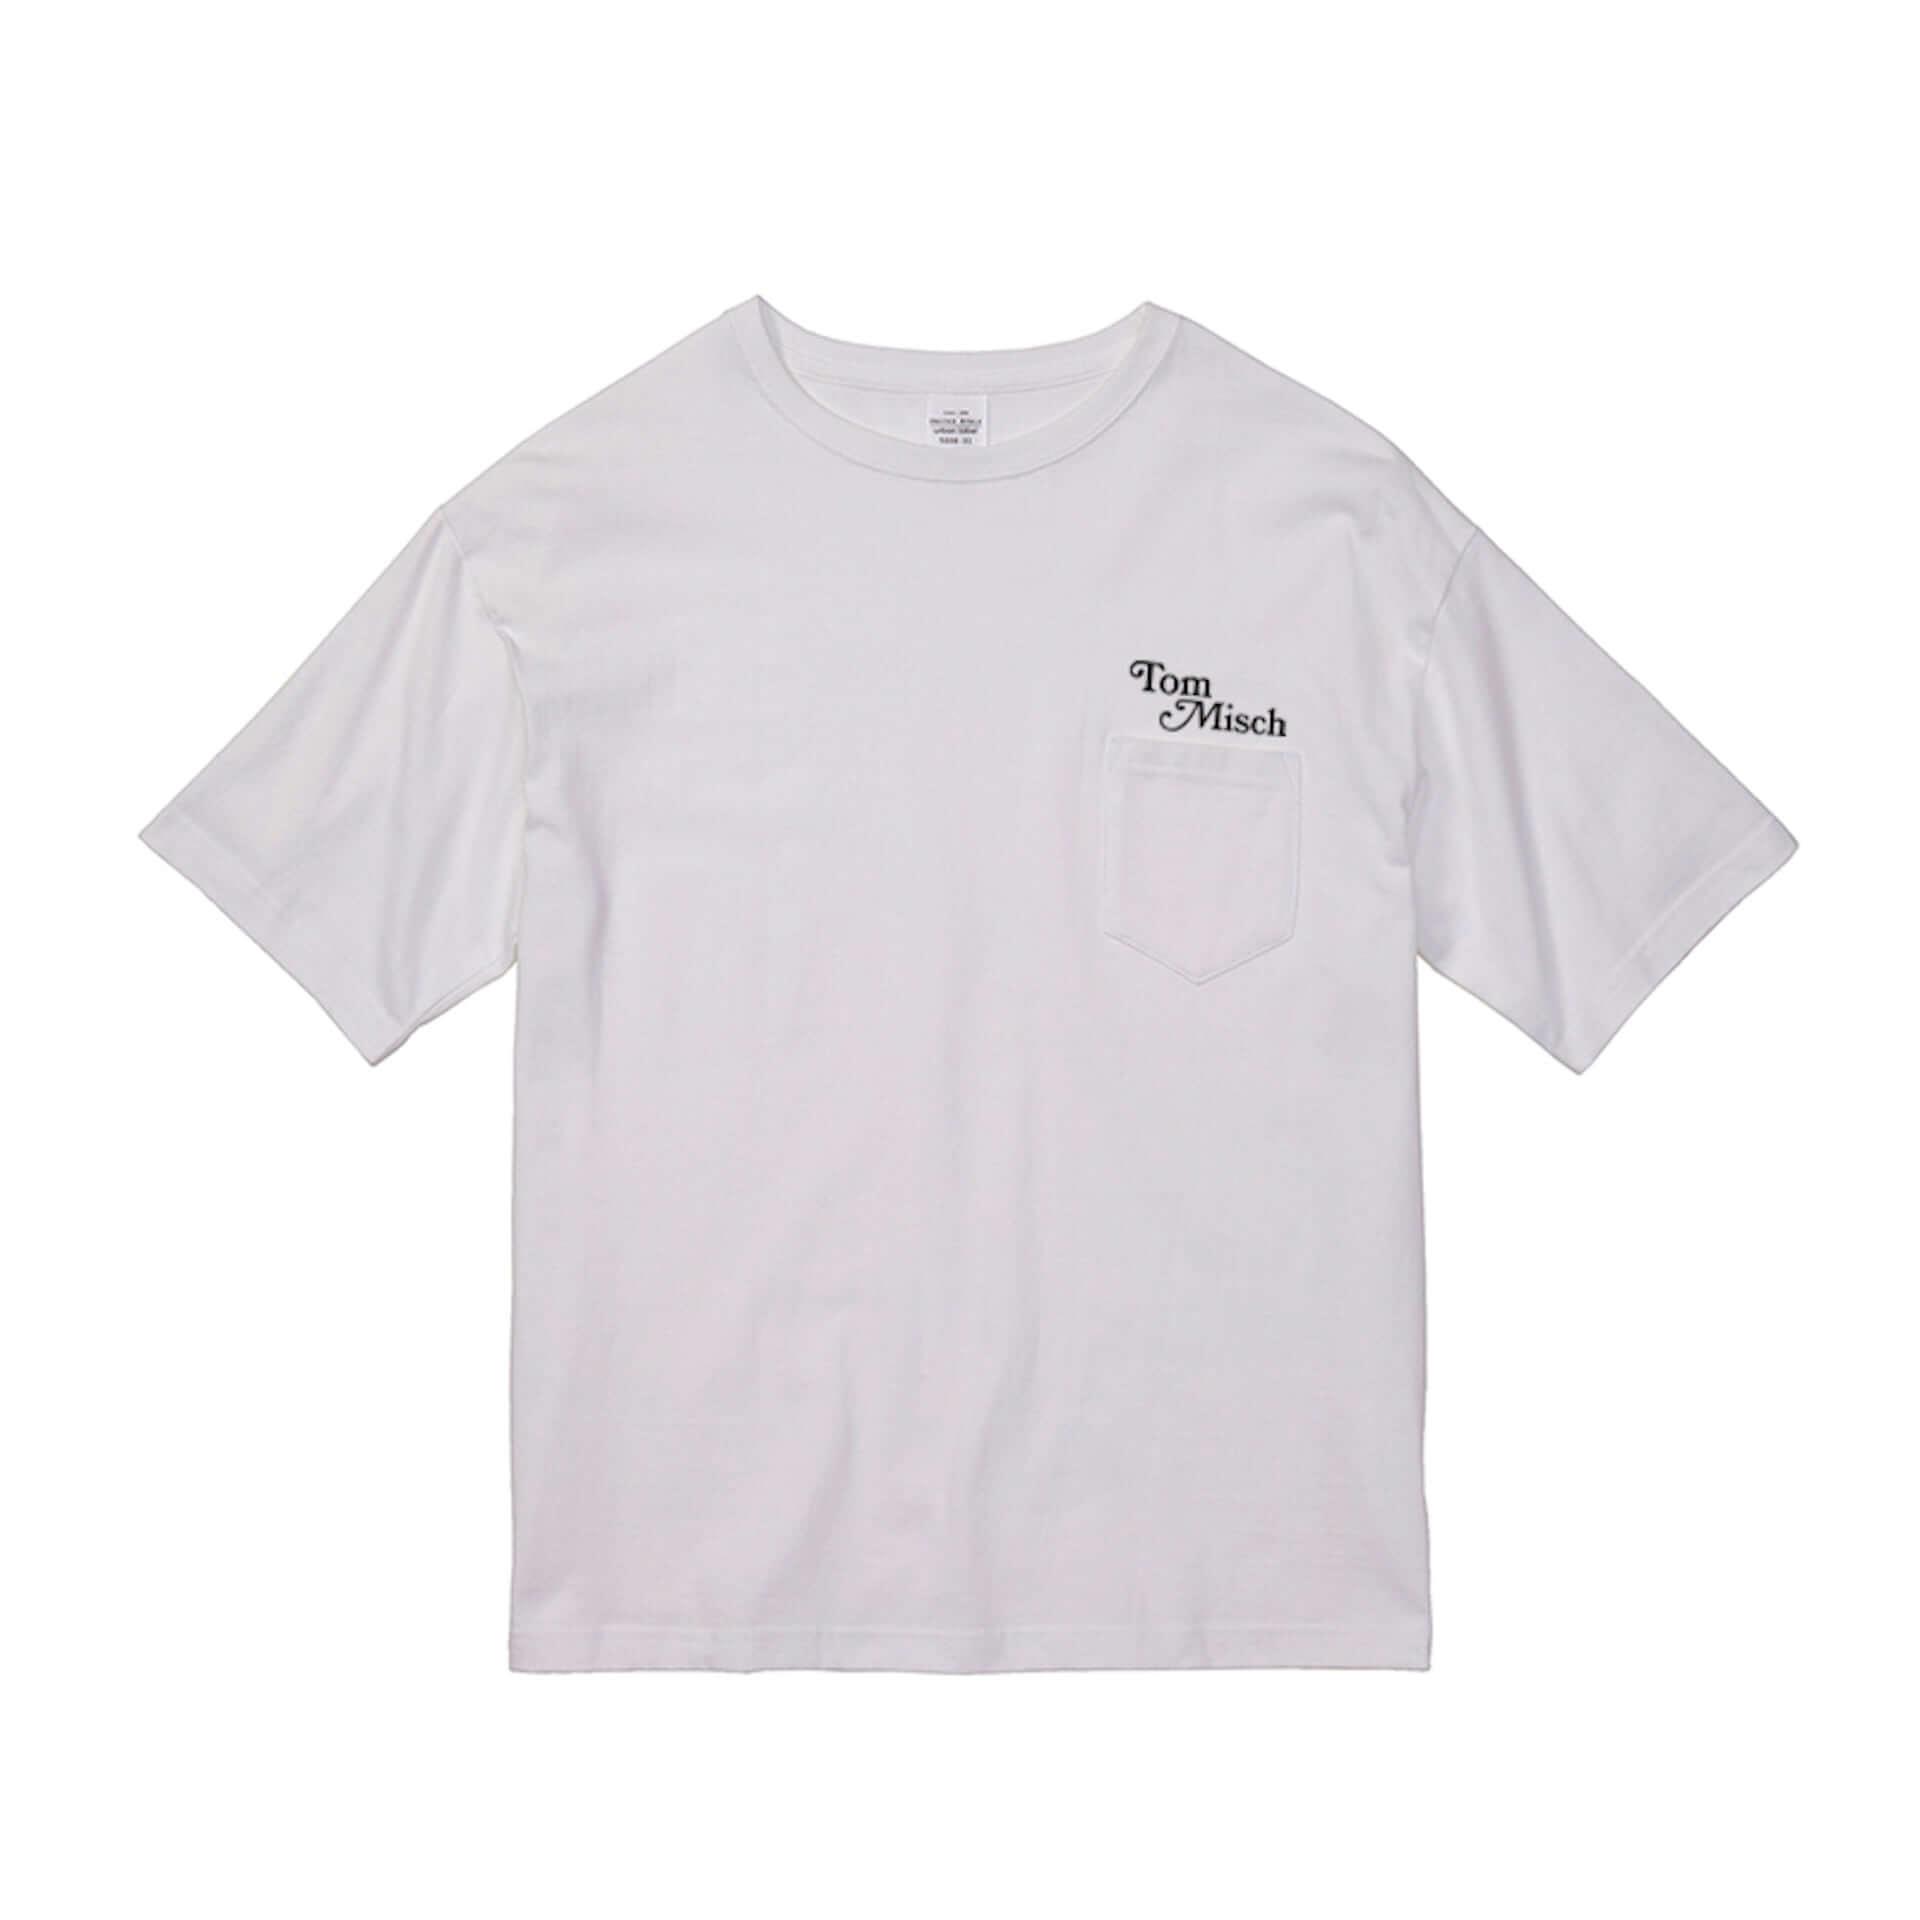 Tom Mischのビッグシルエット刺繍ロゴTシャツが再発決定!Beatinkにて送料無料&ポイント還元キャンペーンも life200402_tommisch_tshirt_4-1920x1920